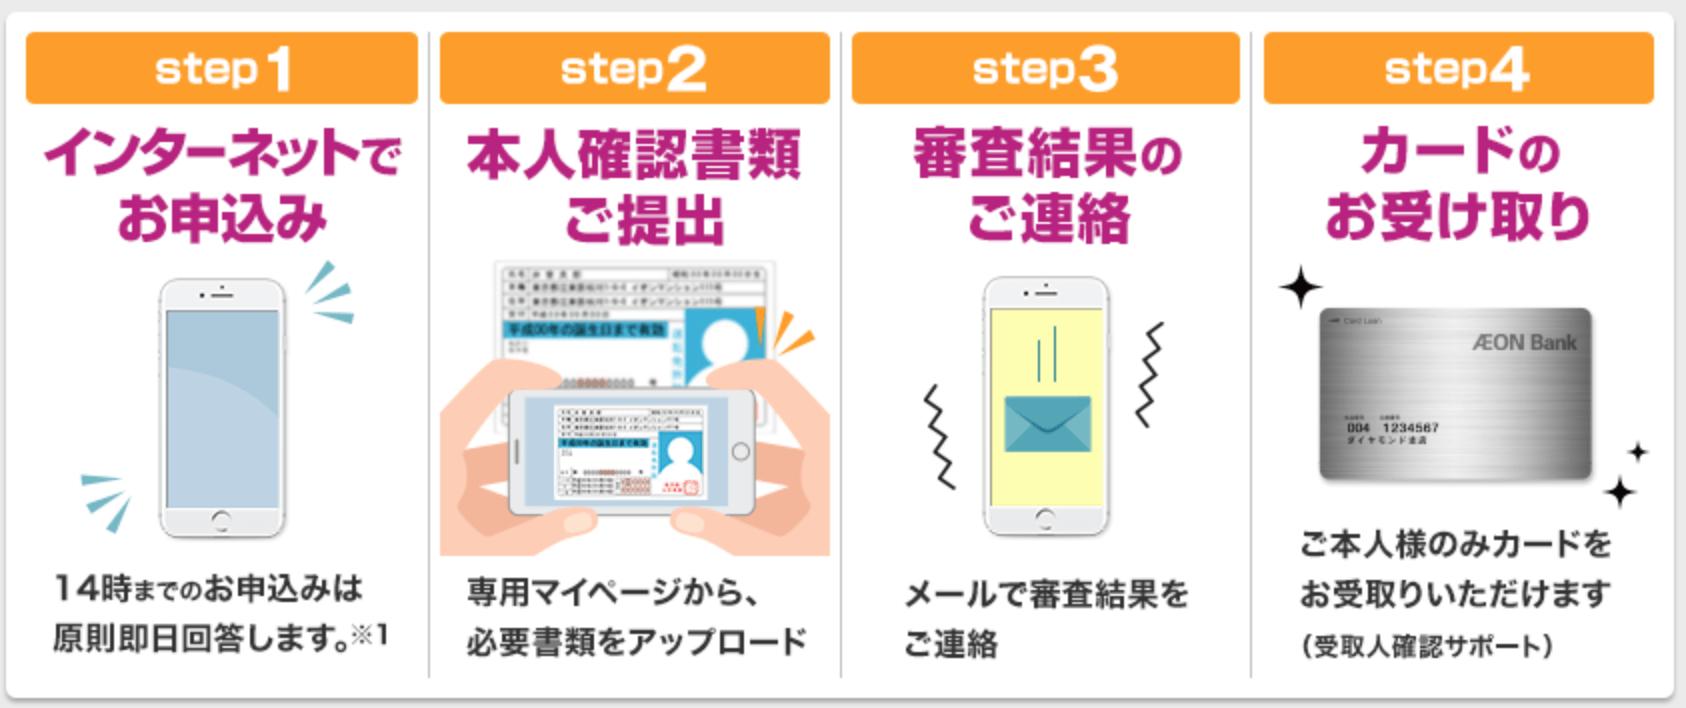 イオン銀行申し込みの5つのステップ